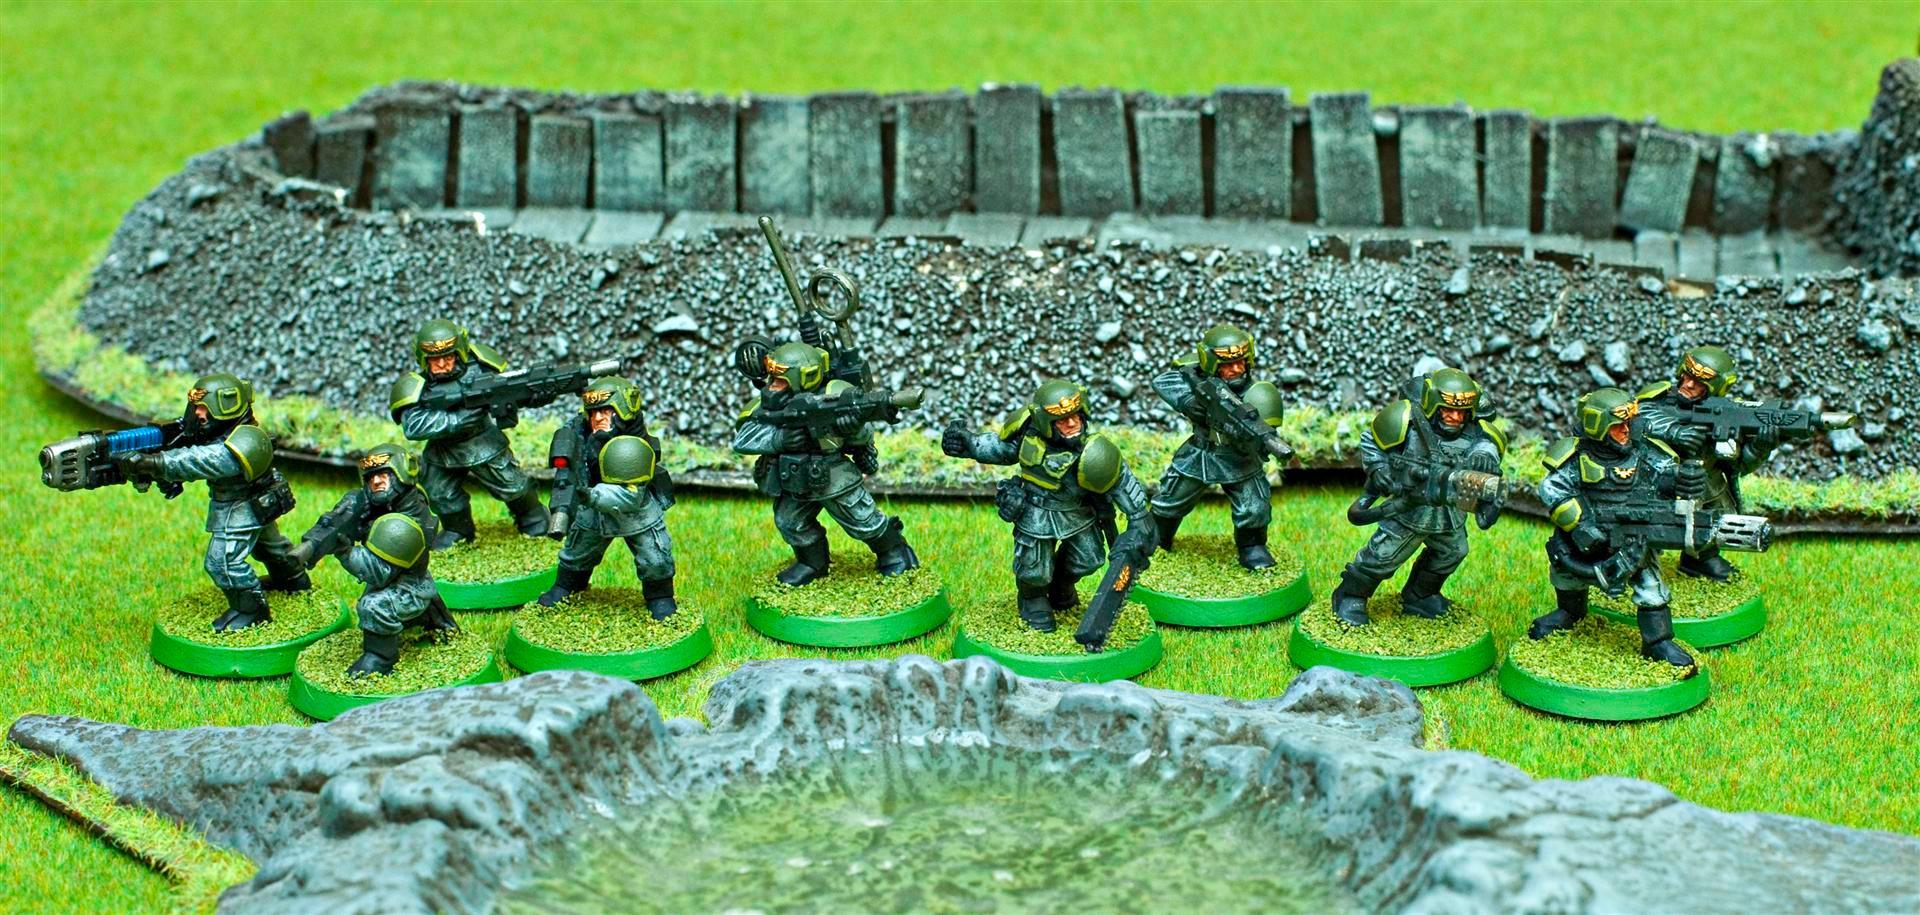 Apocalypse, Army, Astra Militarum, Flamer, Gaming Mat, Green, Grenade Launcher, Grey, Guard, Imperial, Imperial Guard, Imperials, Plasma, Sgt, Troop Choice, Troops, Vet Squad, Veteran, Veteran Squad